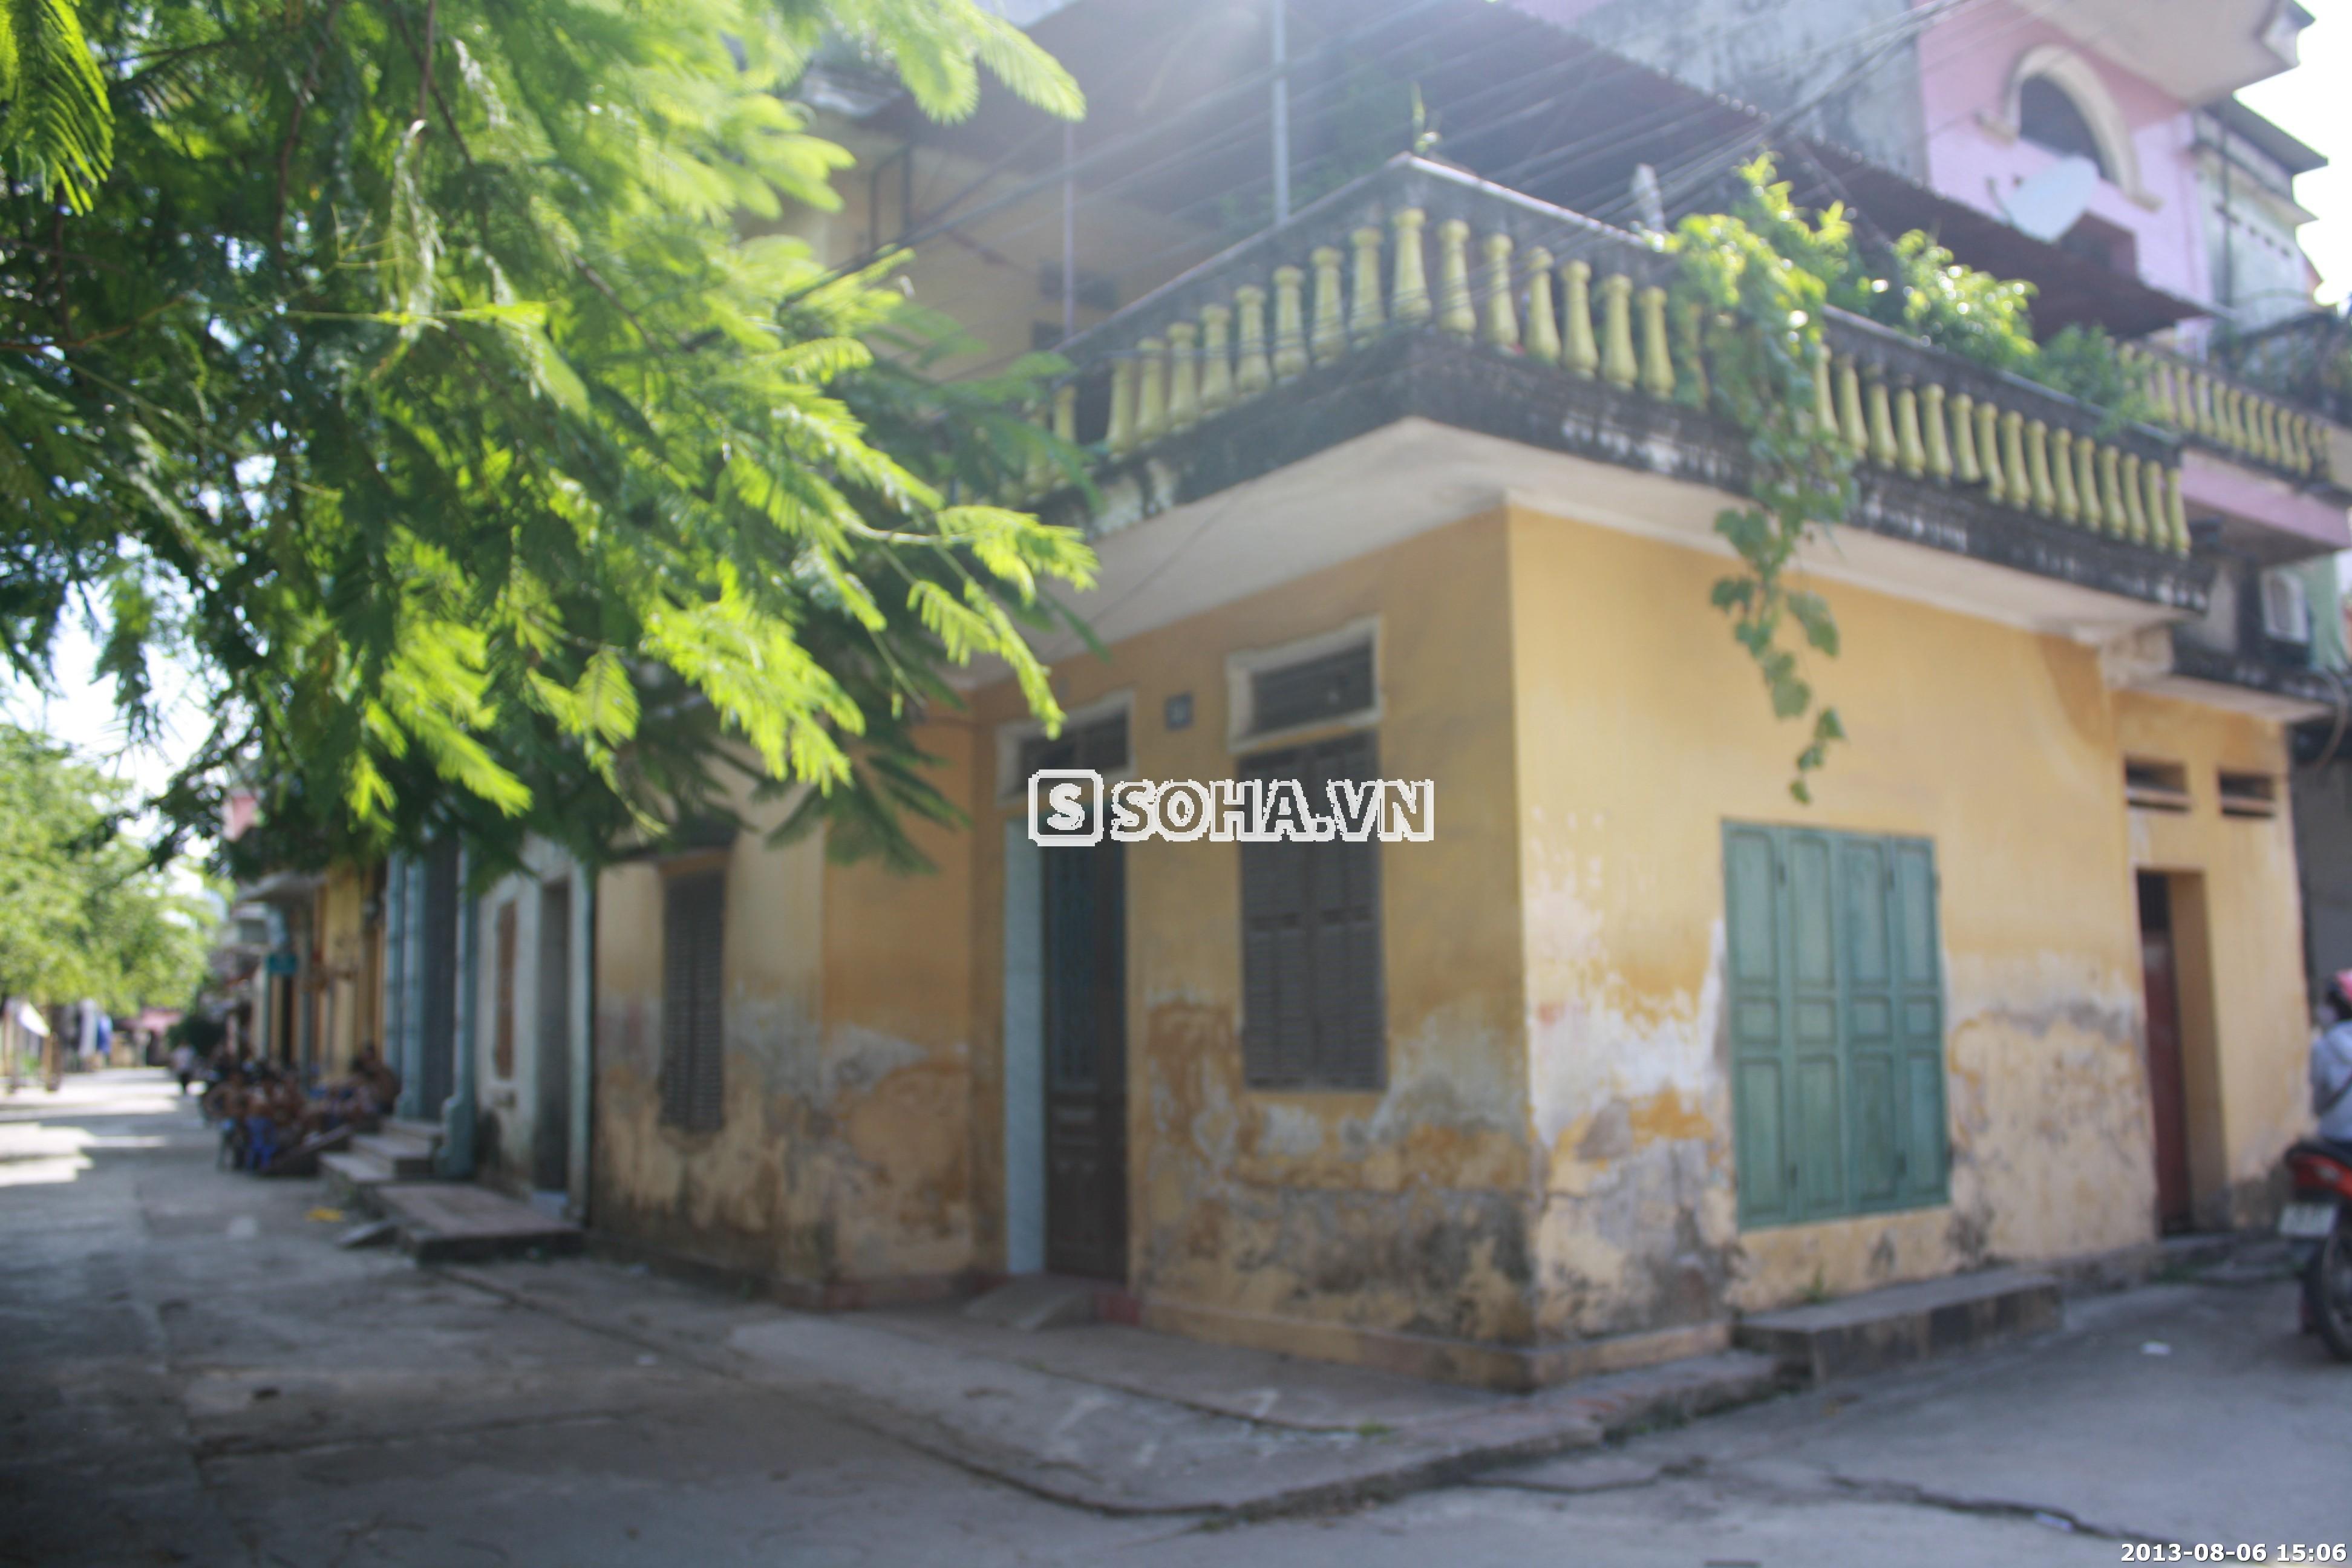 Nhà Tùng Lâm nằm khiêm nhường trong 1 góc phố nhỏ của phường Đáp Cầu tp Bắc Ninh.